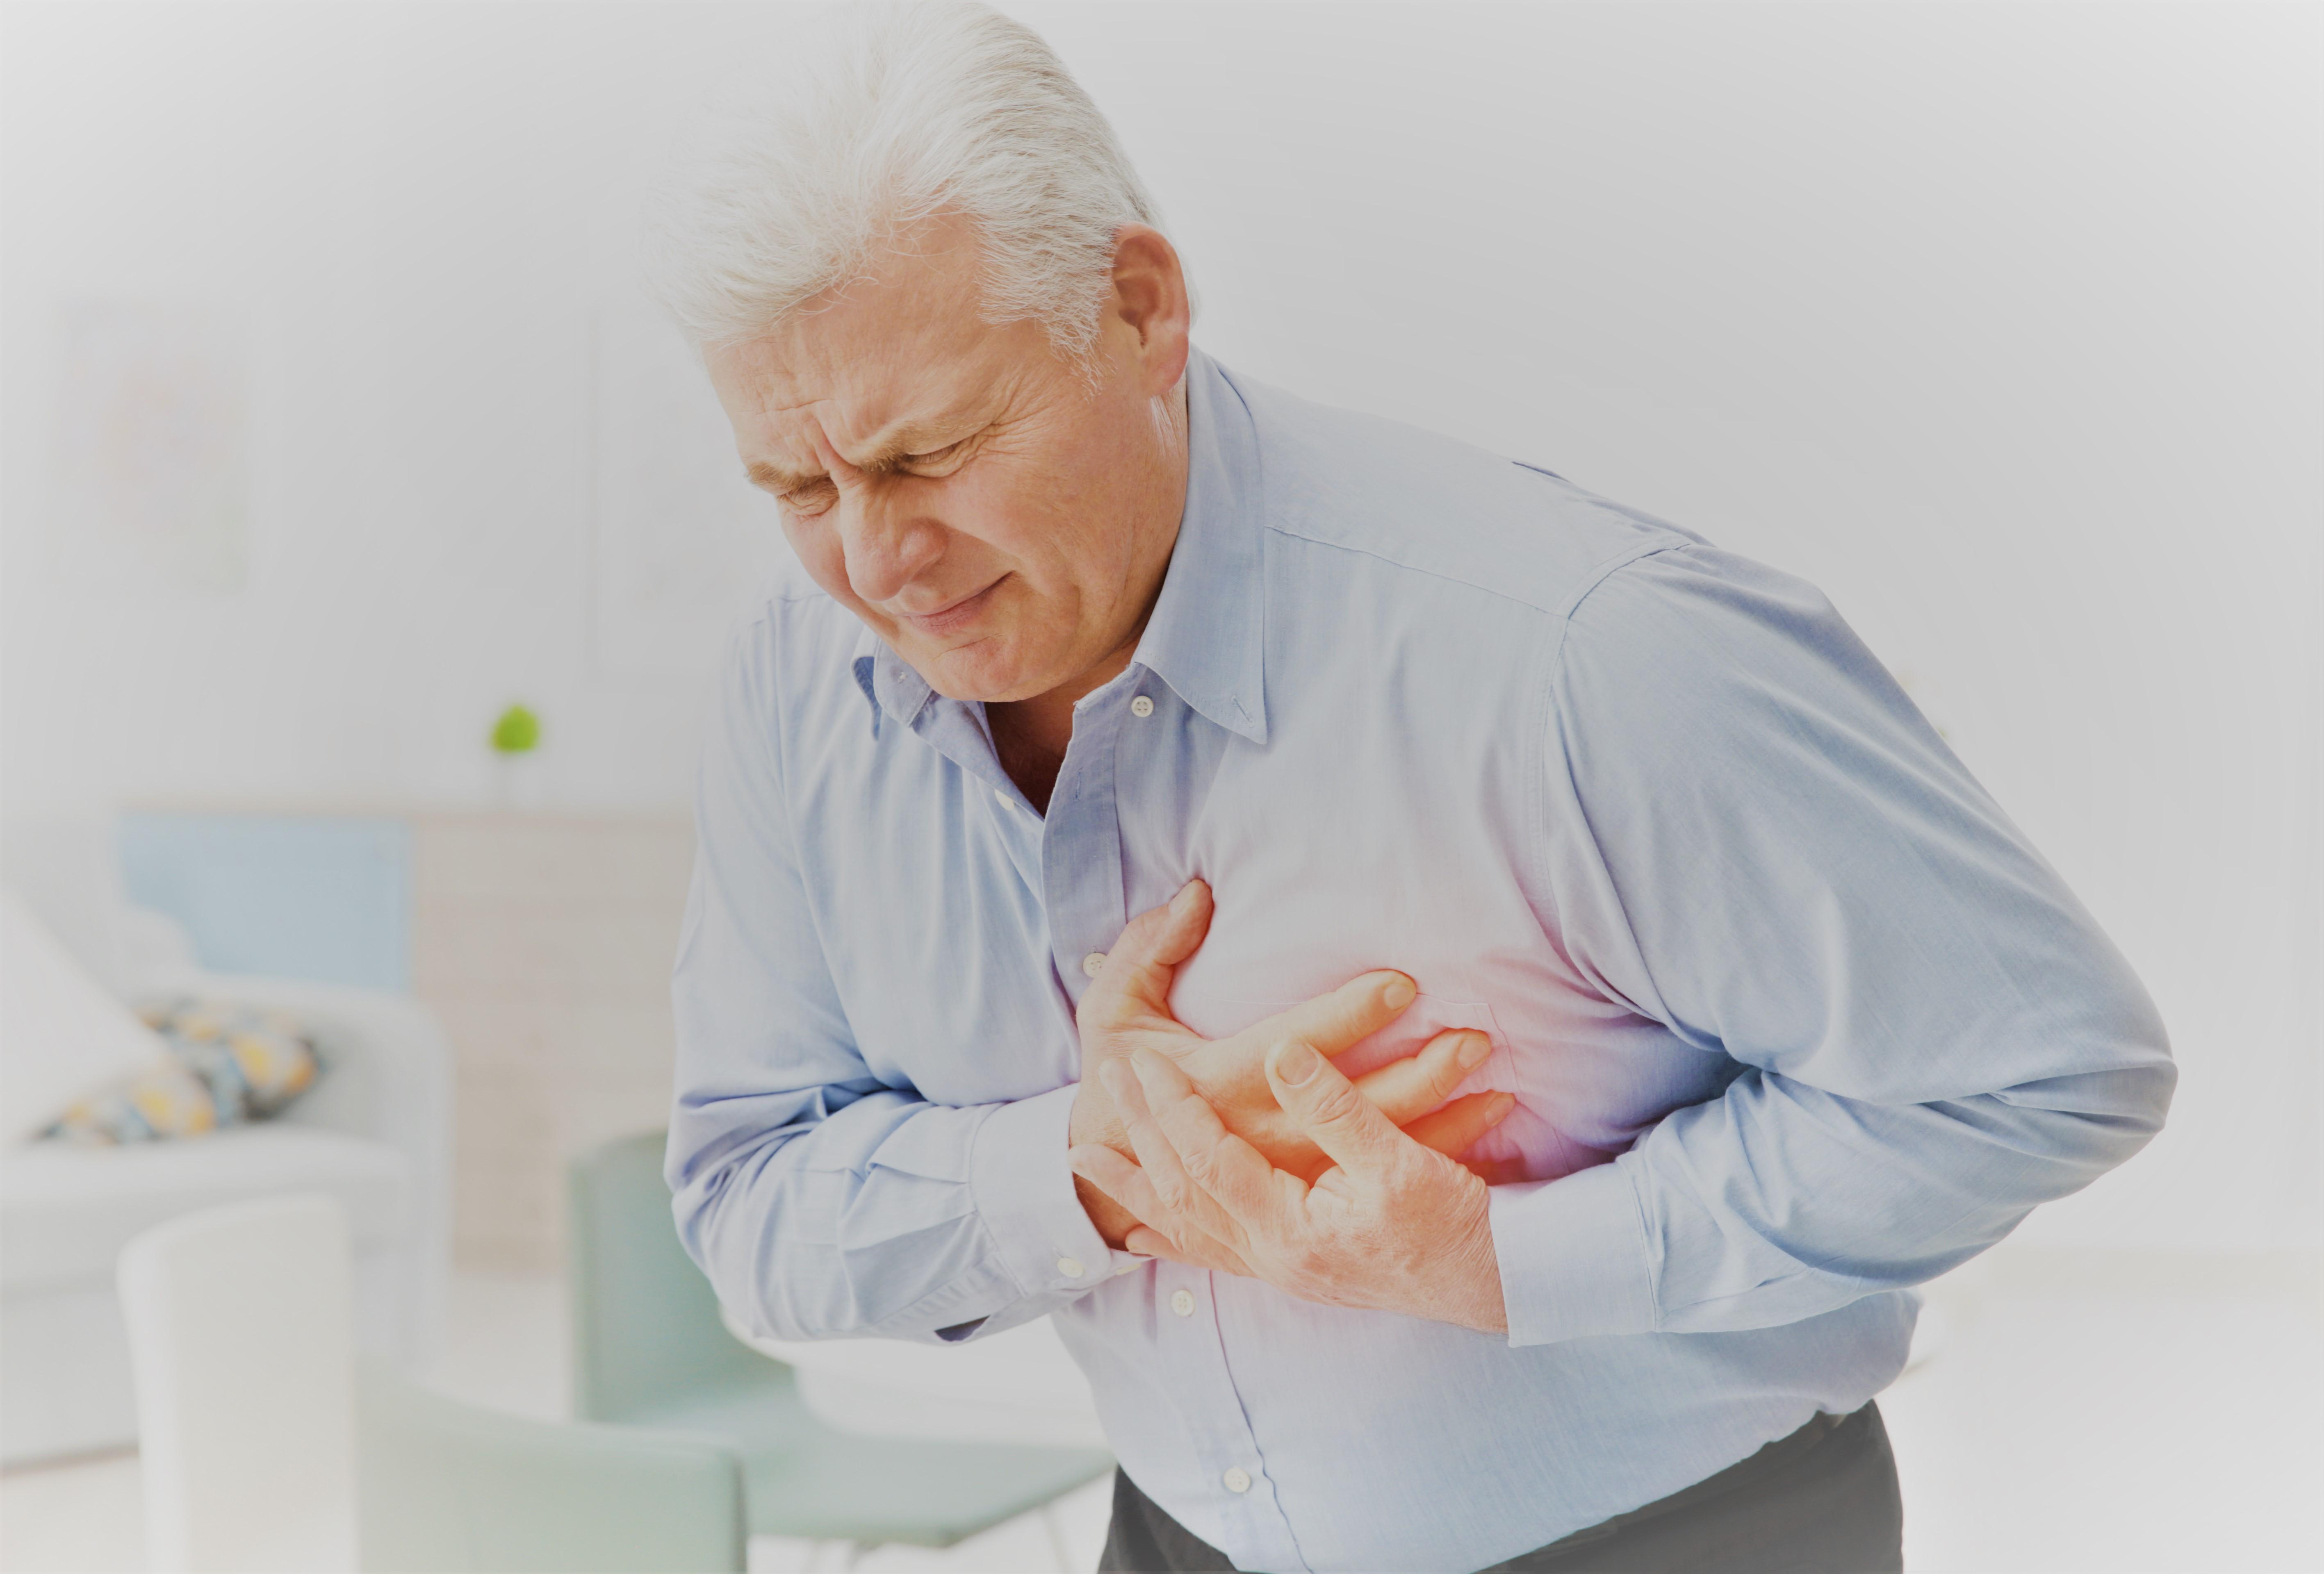 fájdalom a bal lapocka ízülete alatt